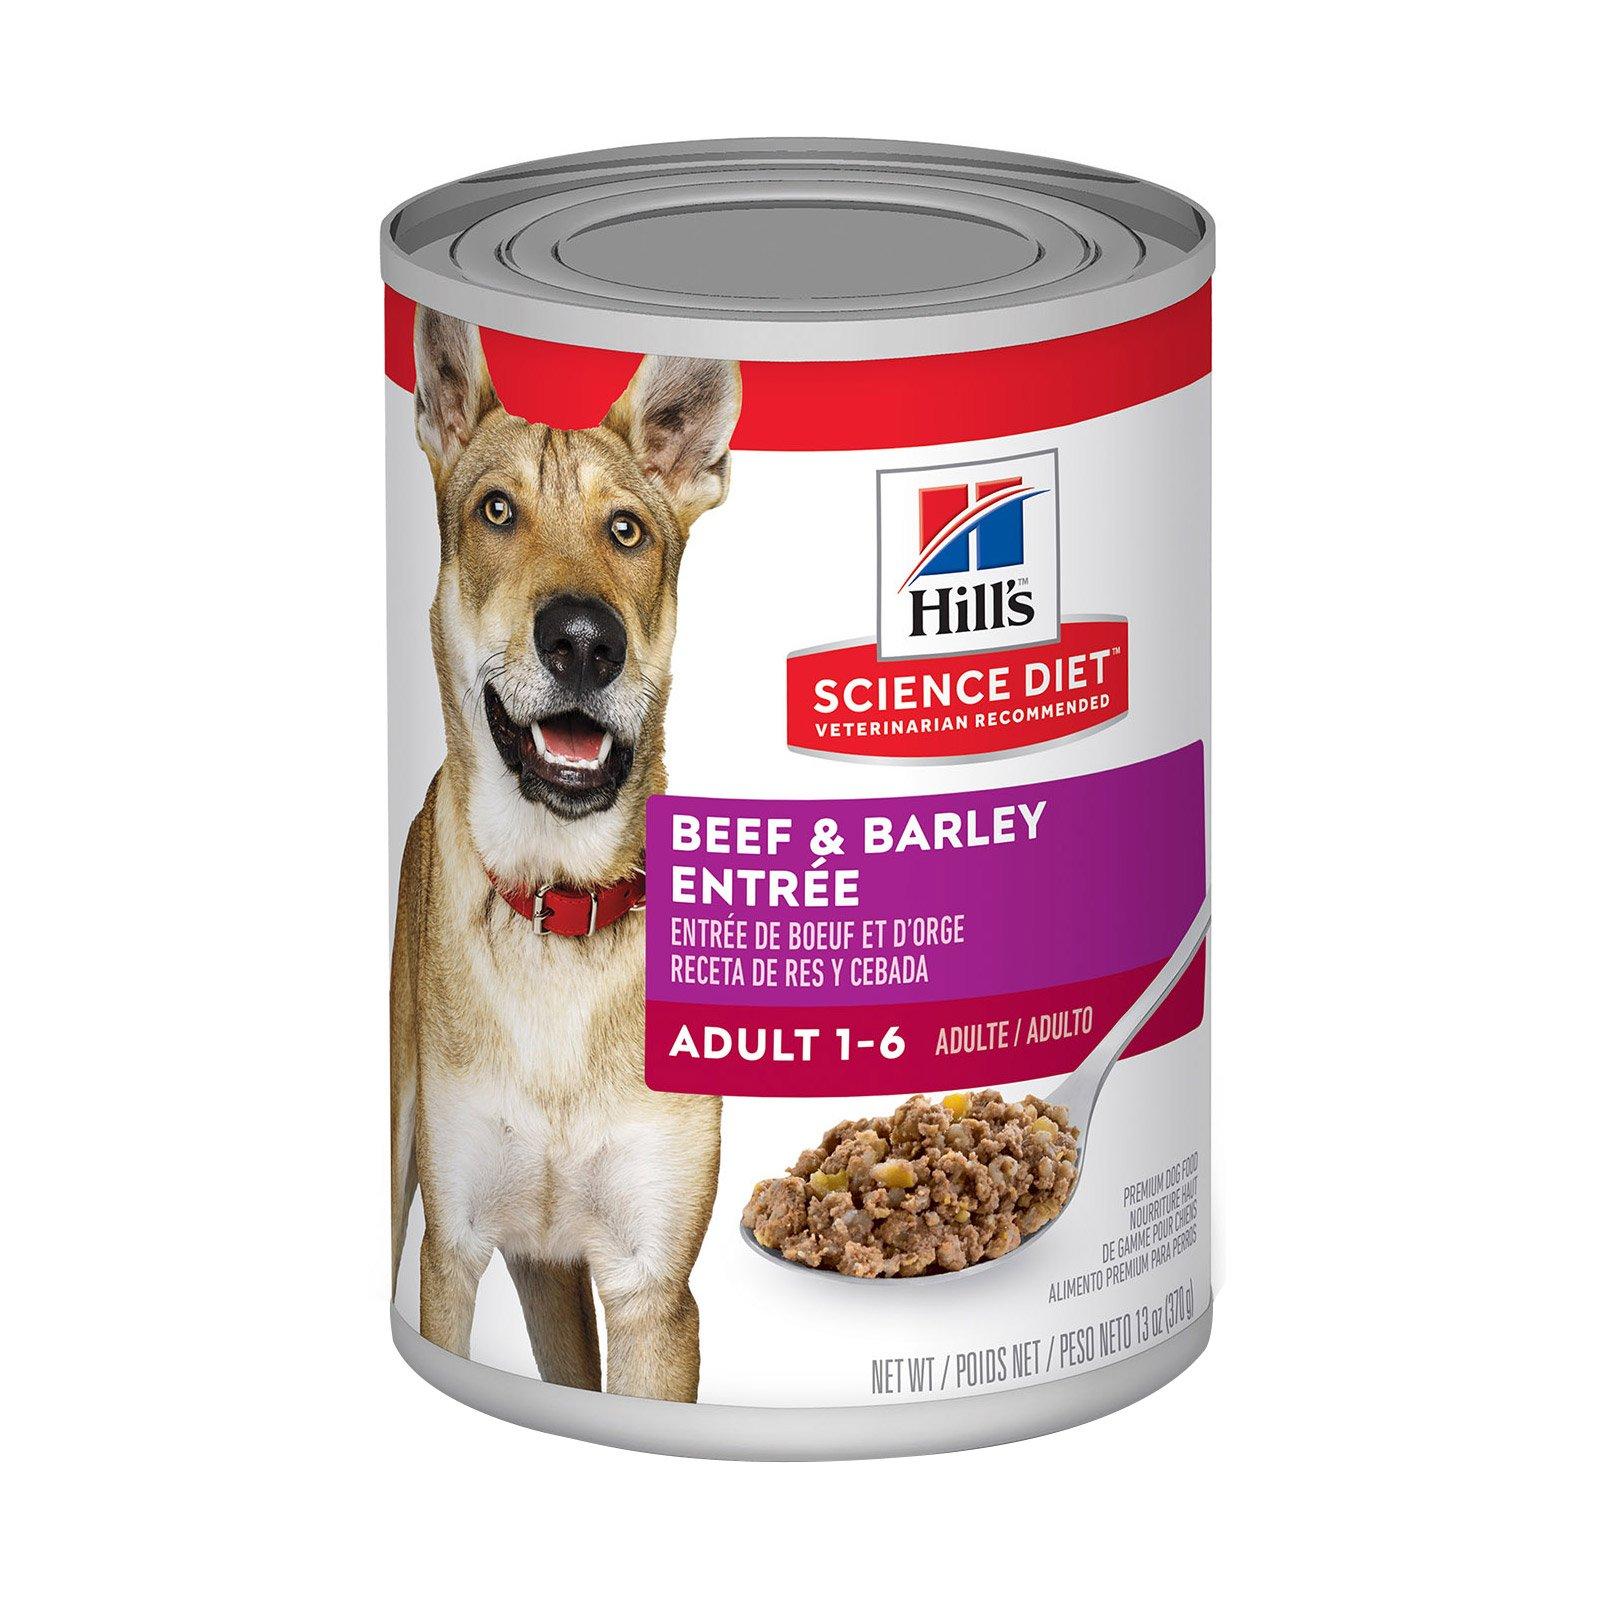 Hills Science Diet Adult Beef & Barley Entrée Canned Dog Food   370 gm